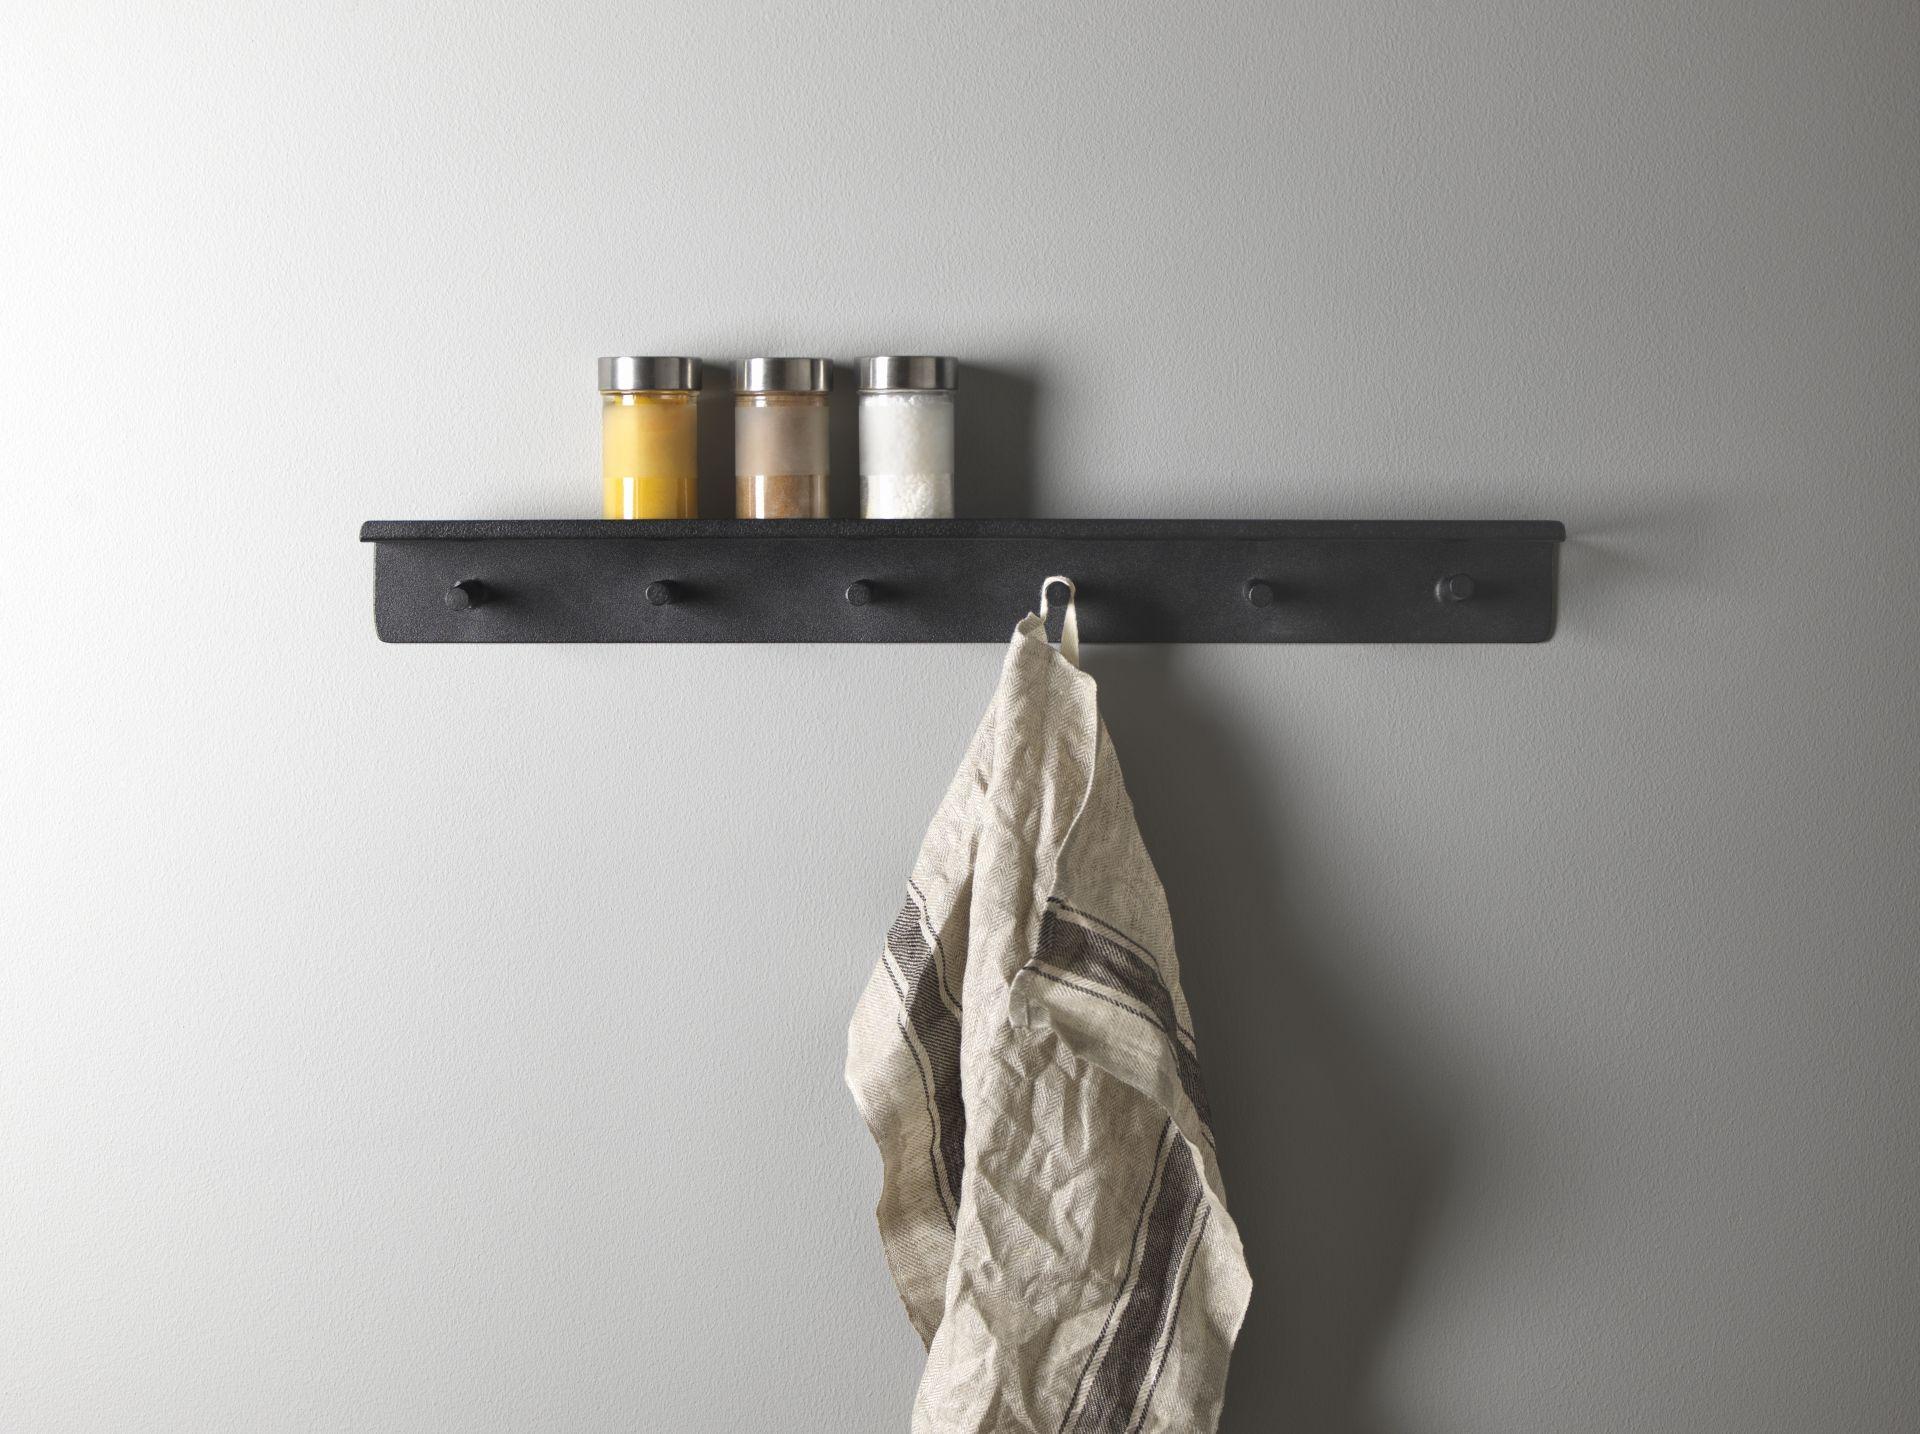 Keukenkast Ophangen Ikea : Falsterbo wandlijst met haken ikeacatalogus nieuw ikea